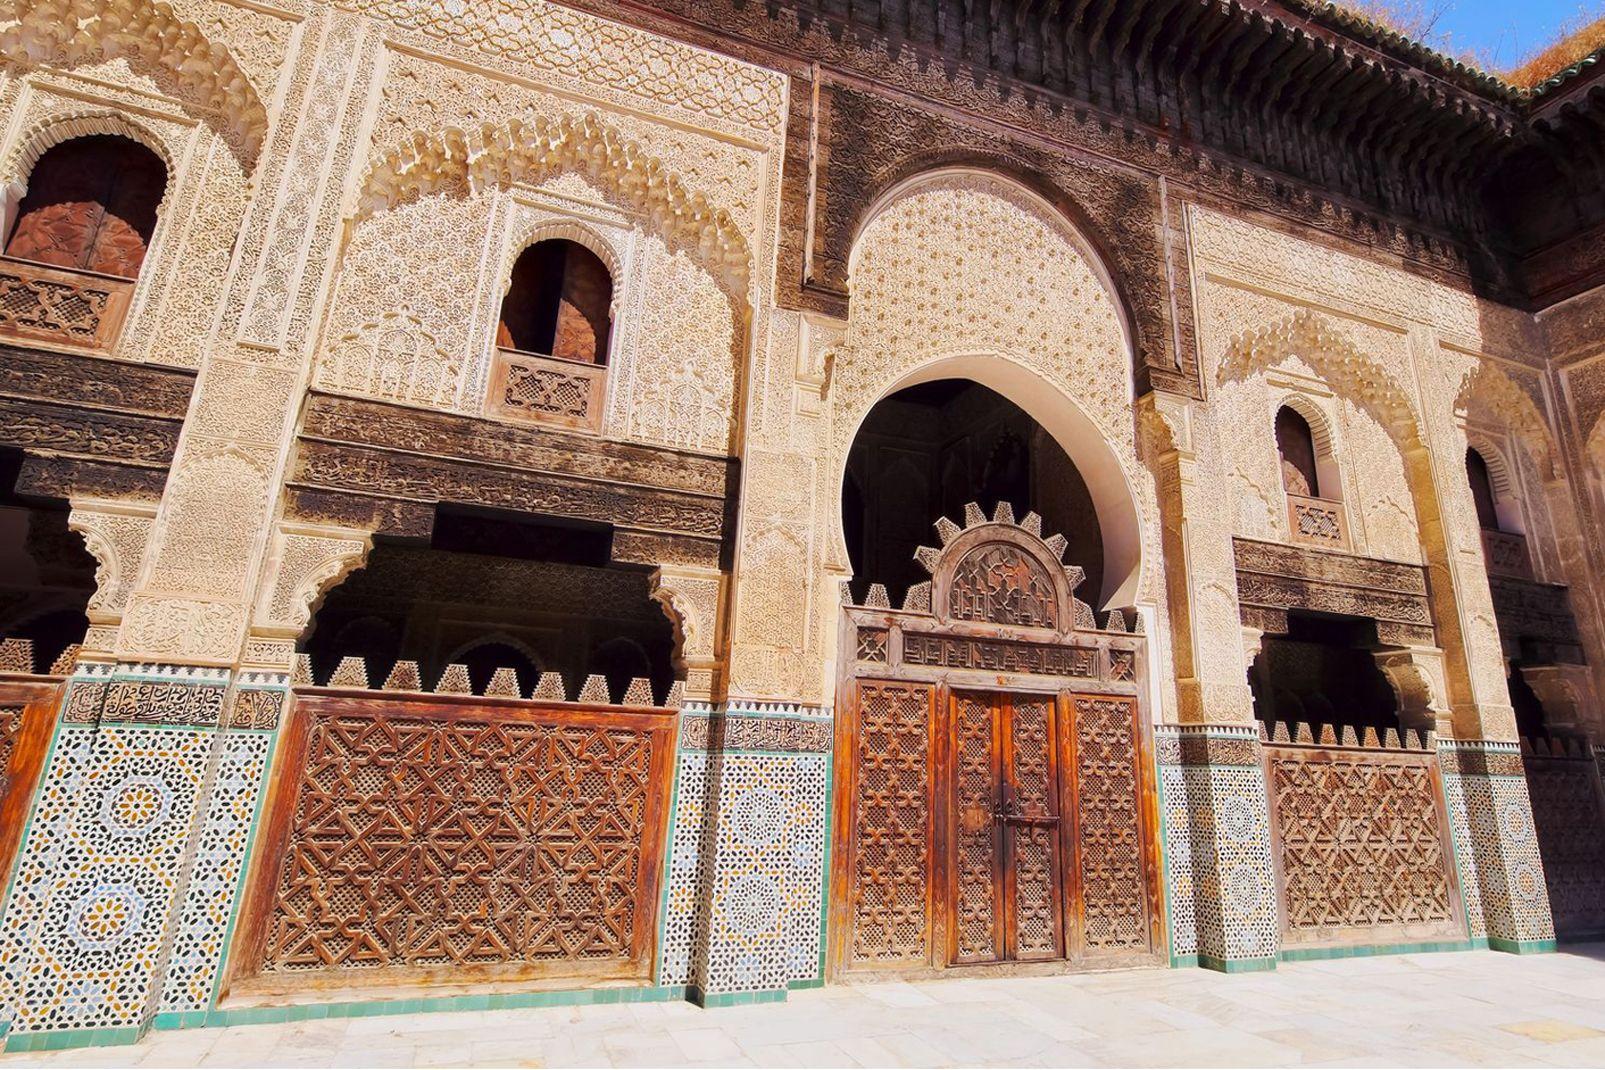 Marruecos del Norte, Marruecos